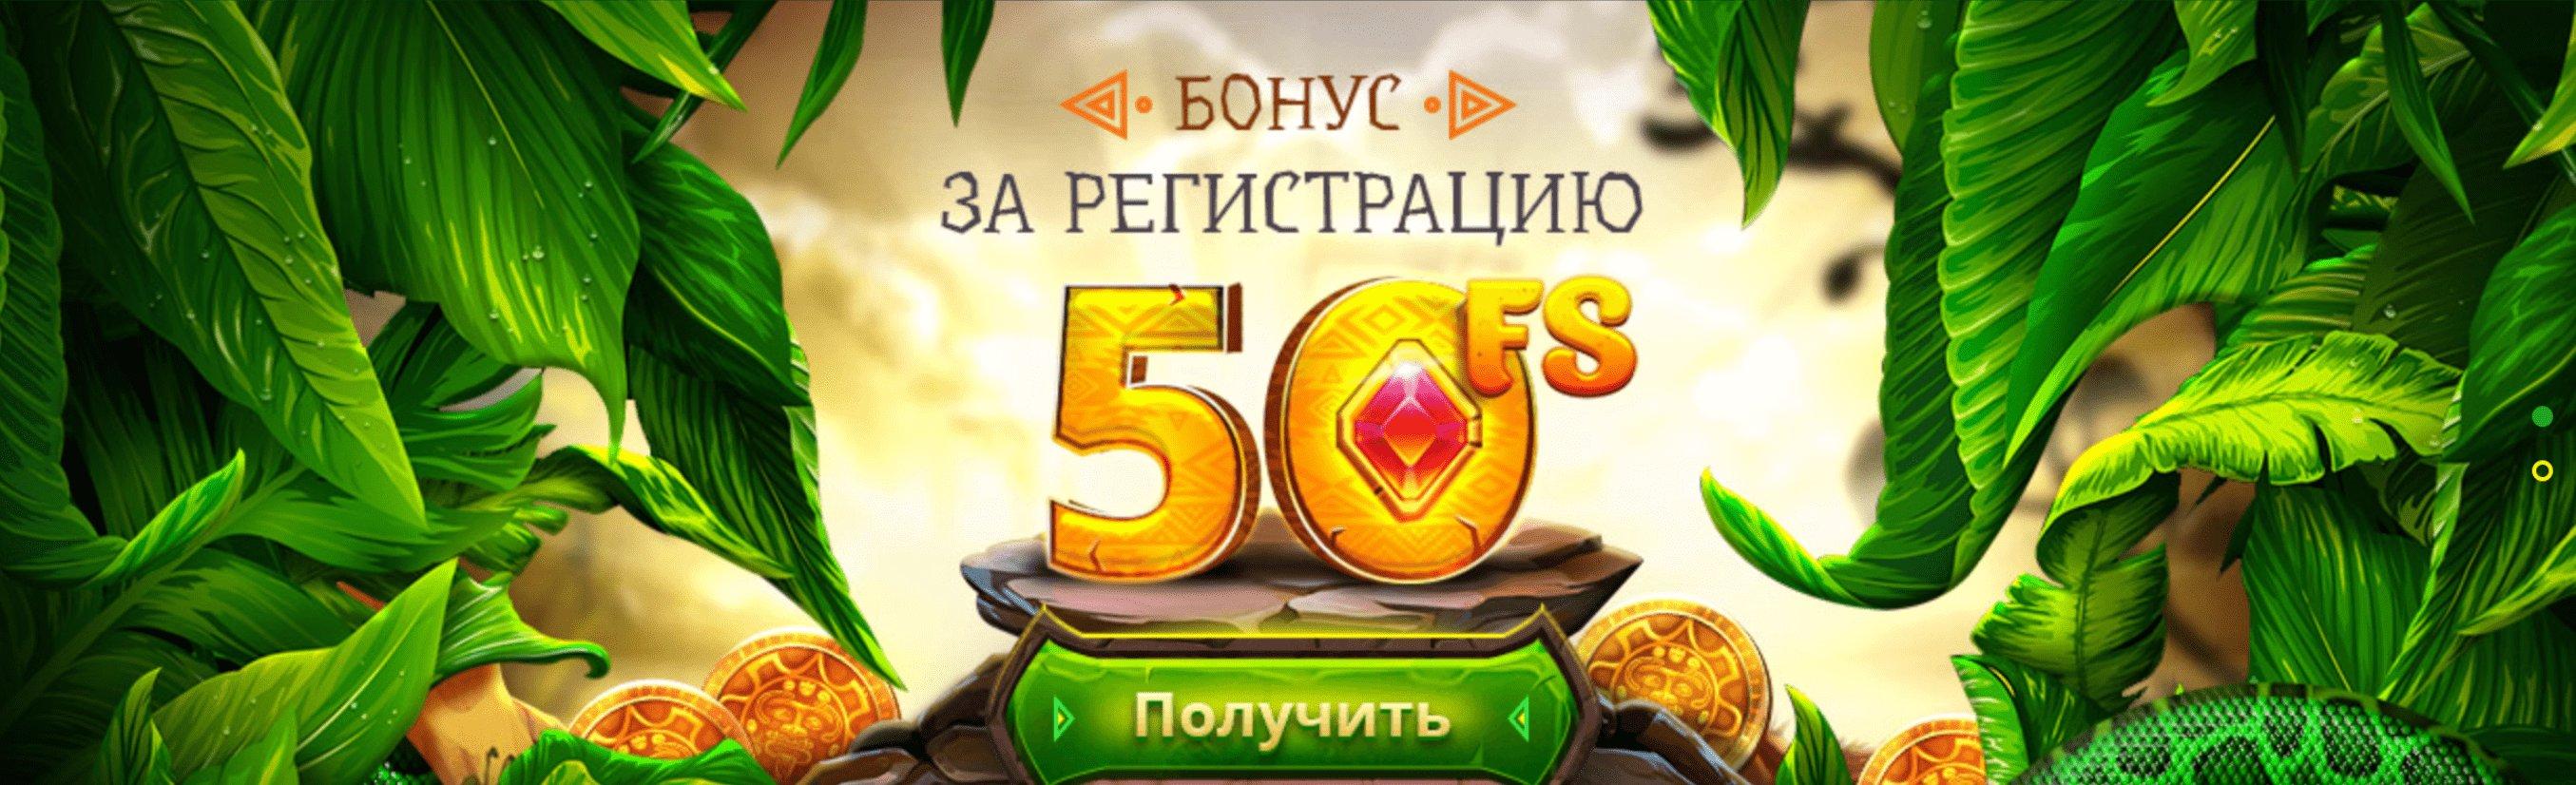 NetGame 50 бесплатных вращений без депозита